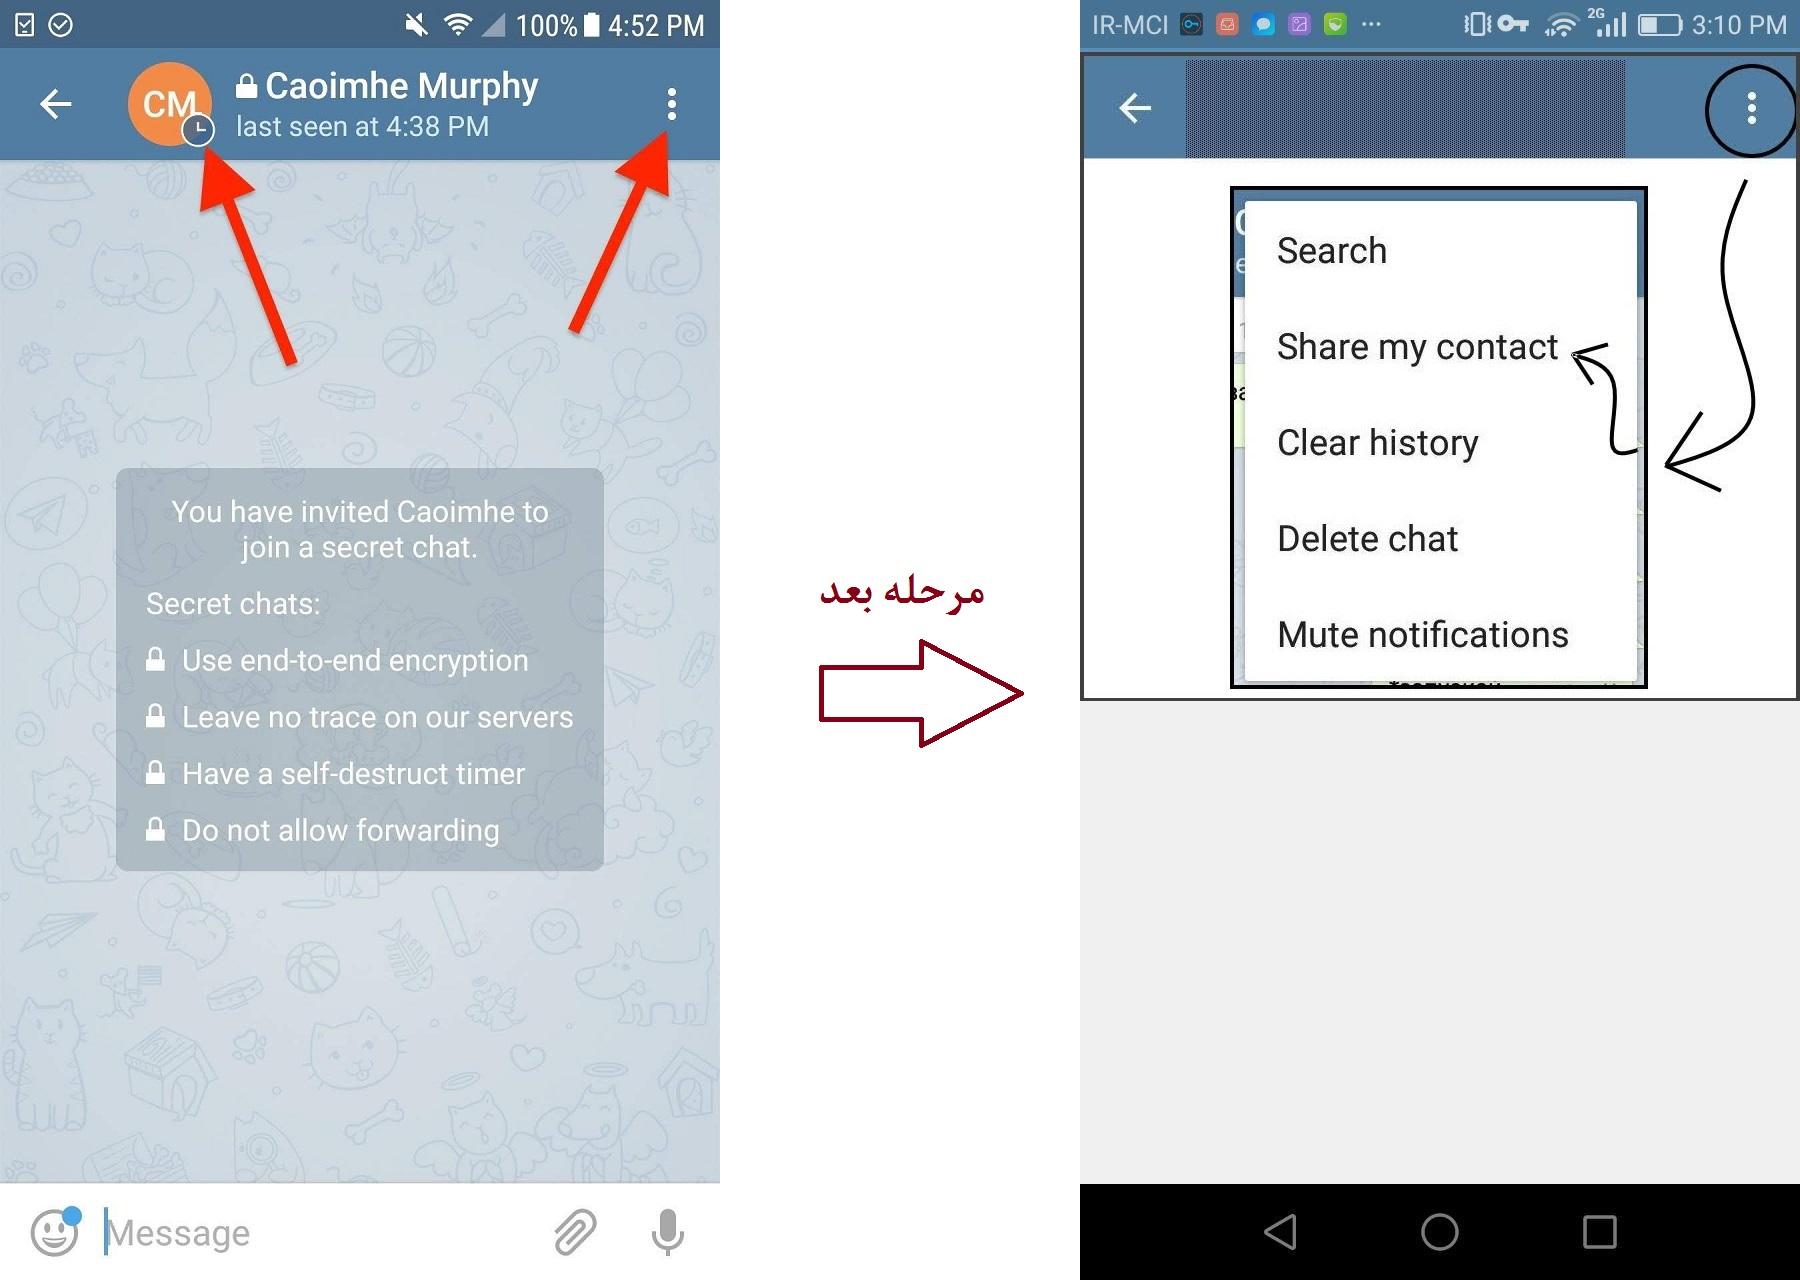 برای آنکه بفهیم چه کسی شماره موبایل مان را بر روی گوشی تلفن خود سیو کرده است در تلگرام Telegram وجود دارد که به این ترتیب است که به صفحه فرد مورد نظر جهت ارسال پیام رفته و در آنجا بر روی حالا بالای صفحه سمت سه تا نقطه موجود در بالای صفحه ضربه زده تا پنجره ای باز شود. چنانچه گزینه Share my contact را مشاهده کردید یعنی طرف مقابل شماره شما رو ذخیره نکرده است.